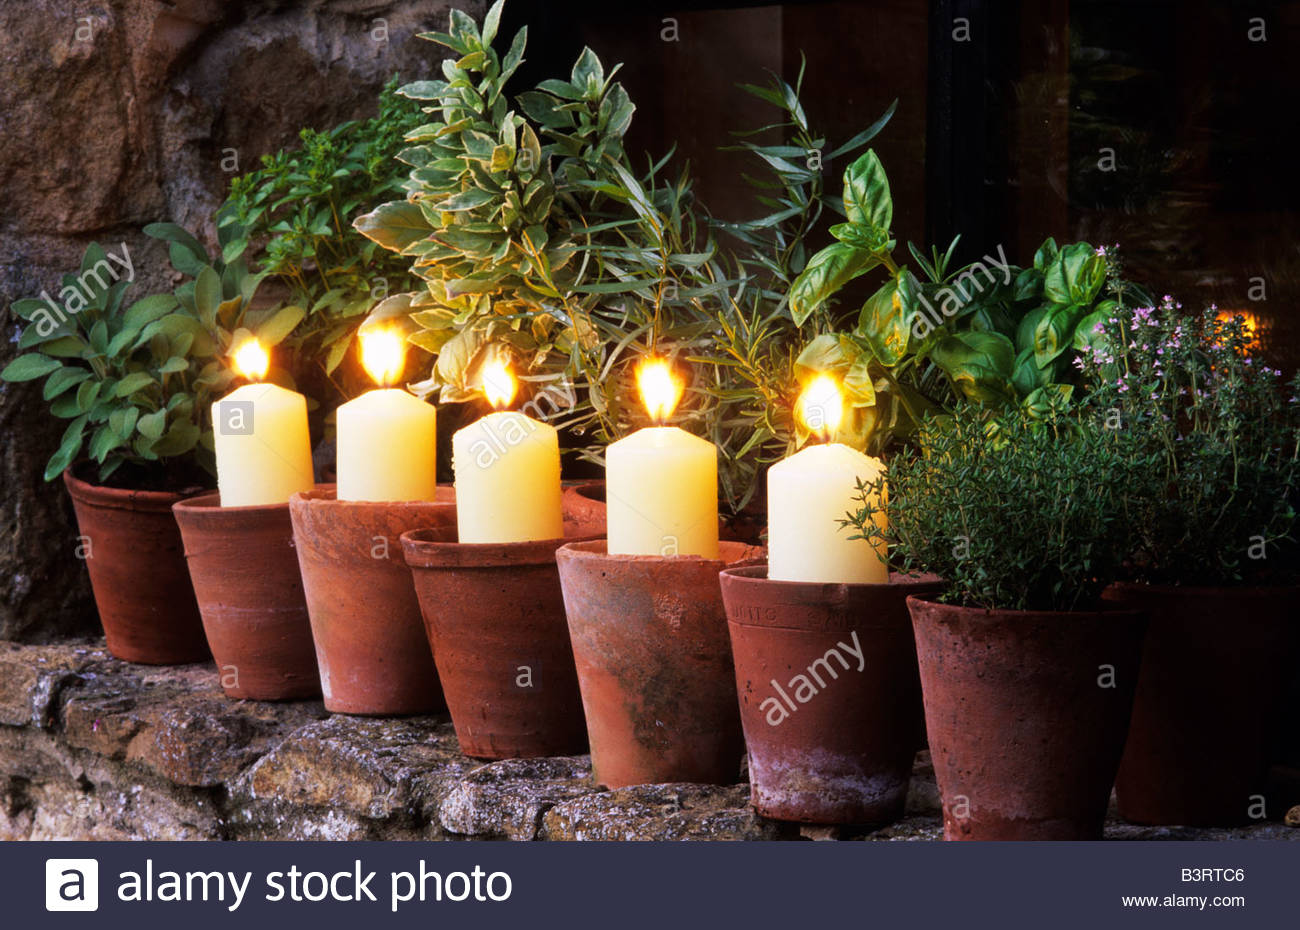 Il case oast hampshire giardino illuminazione candele in vasi di